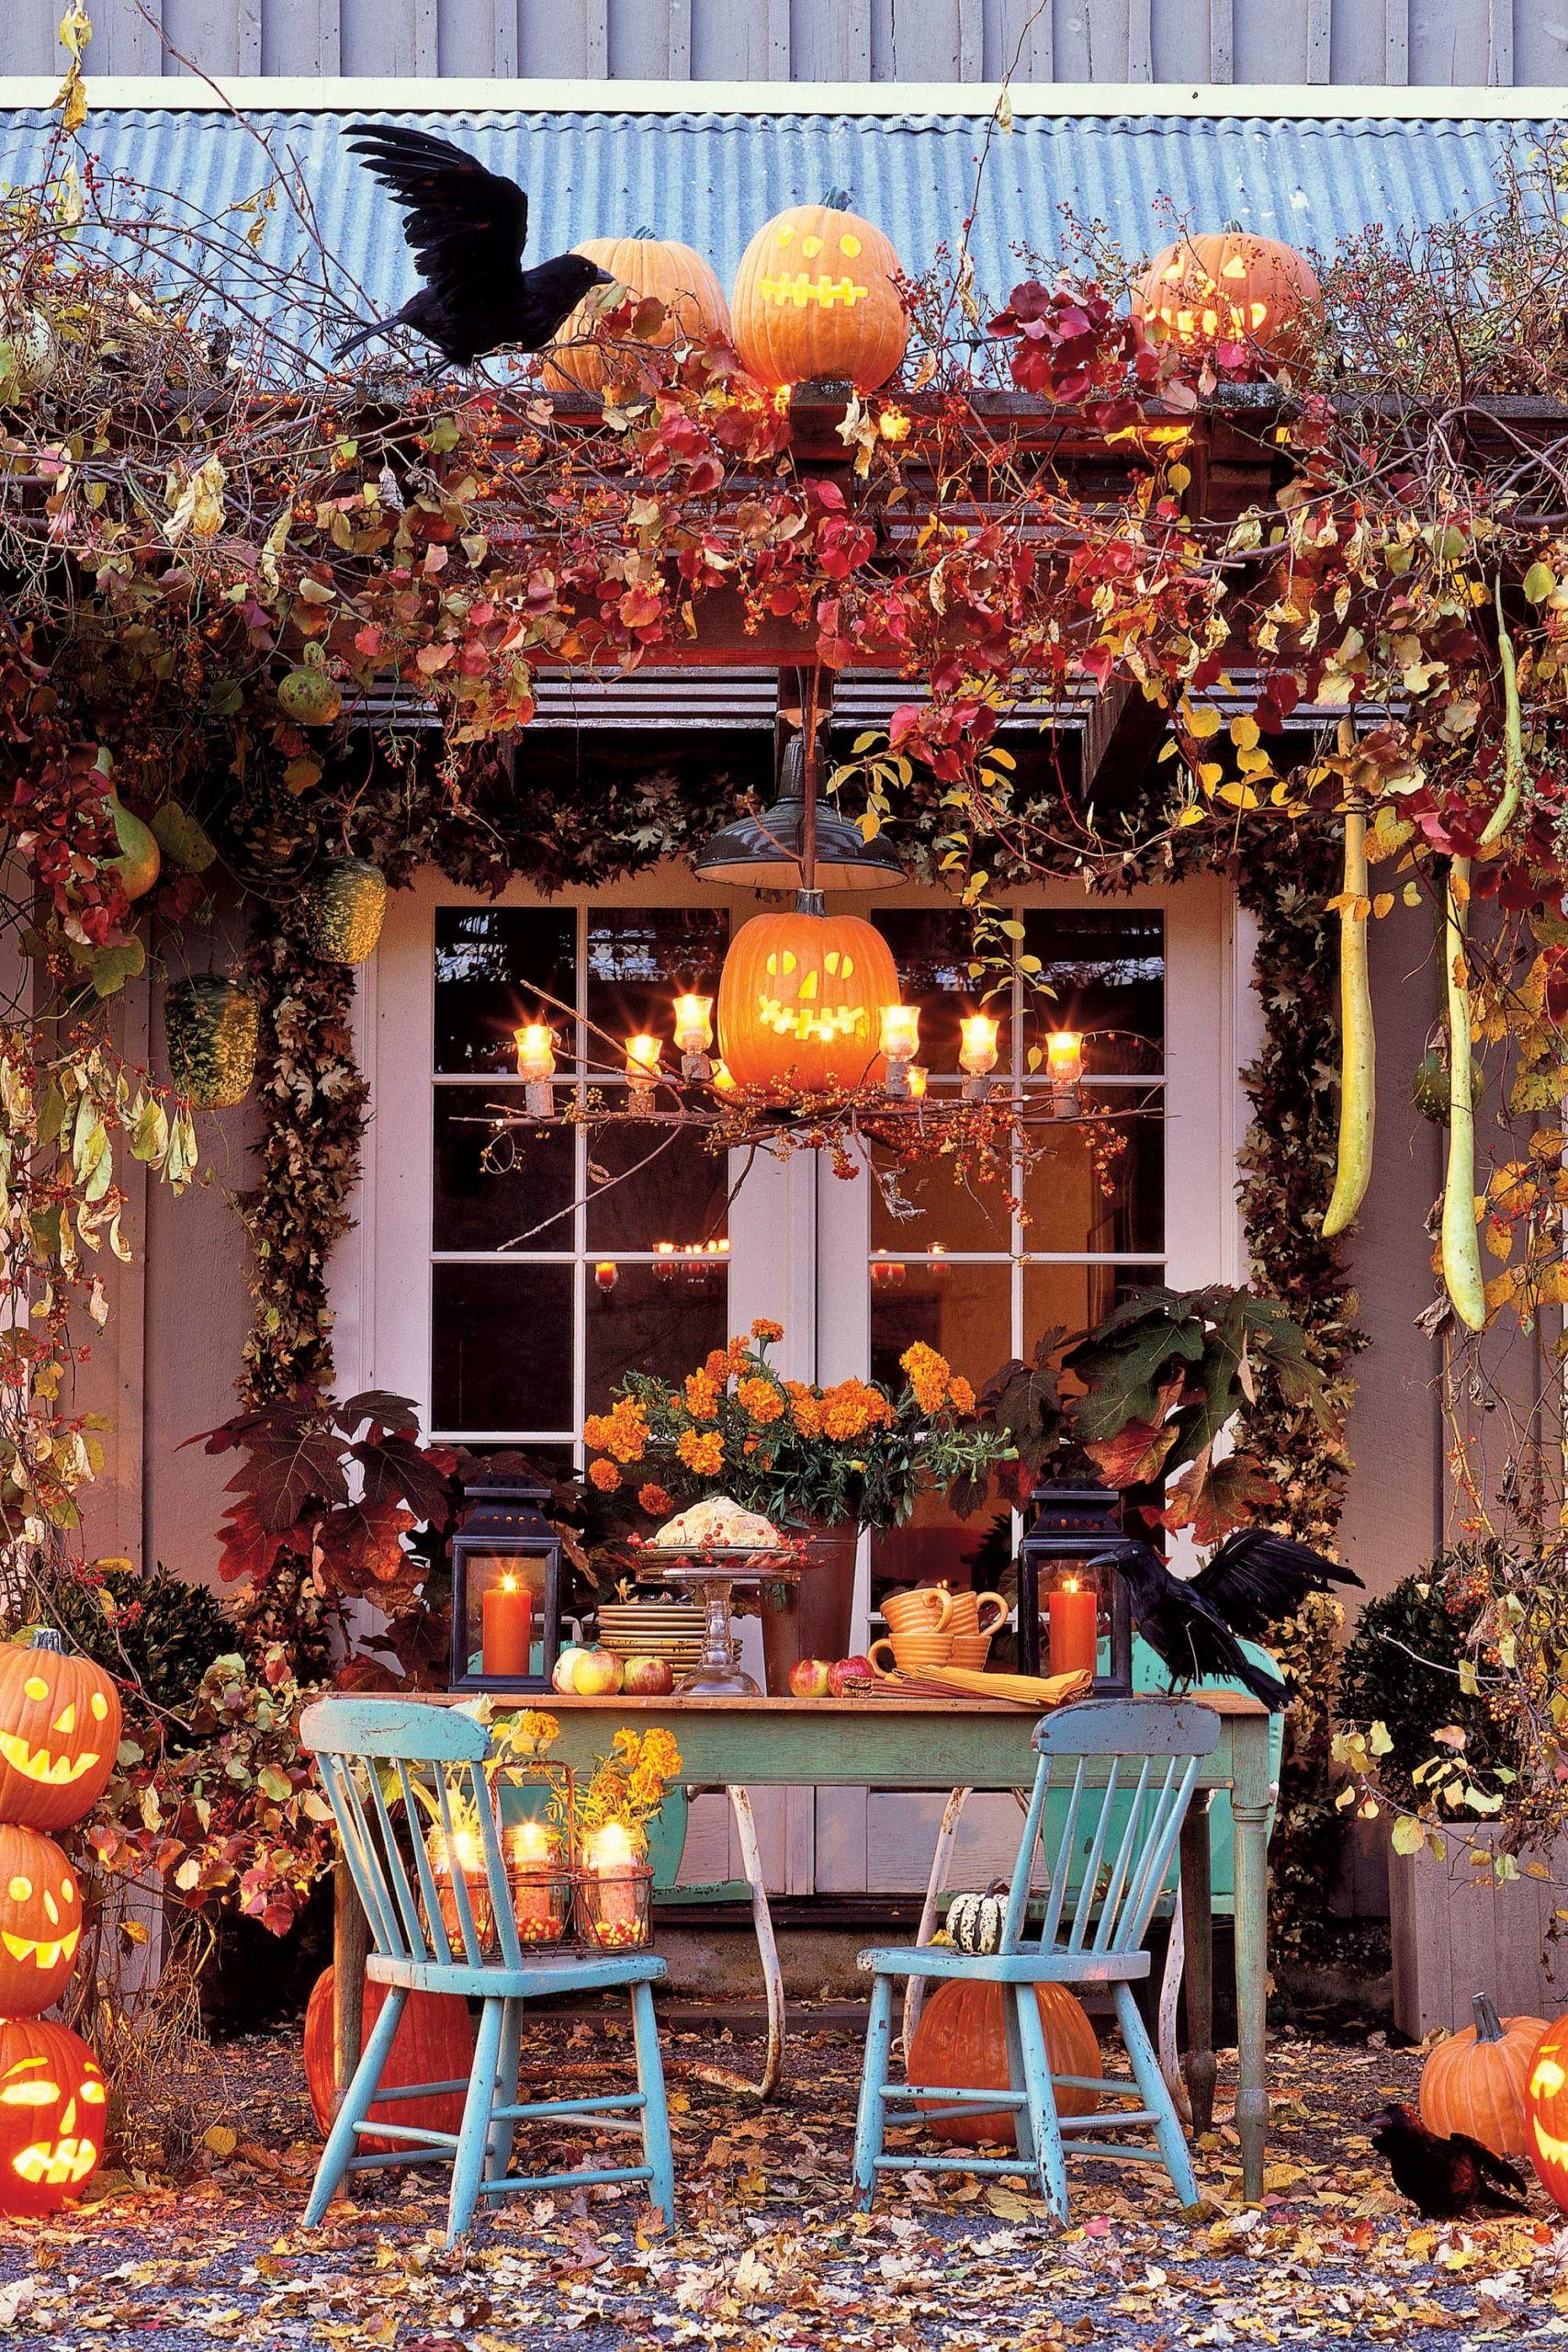 Halloween Party Deko Ideen Schön 55 Best Outdoor Halloween Decorations to Spellbind Every